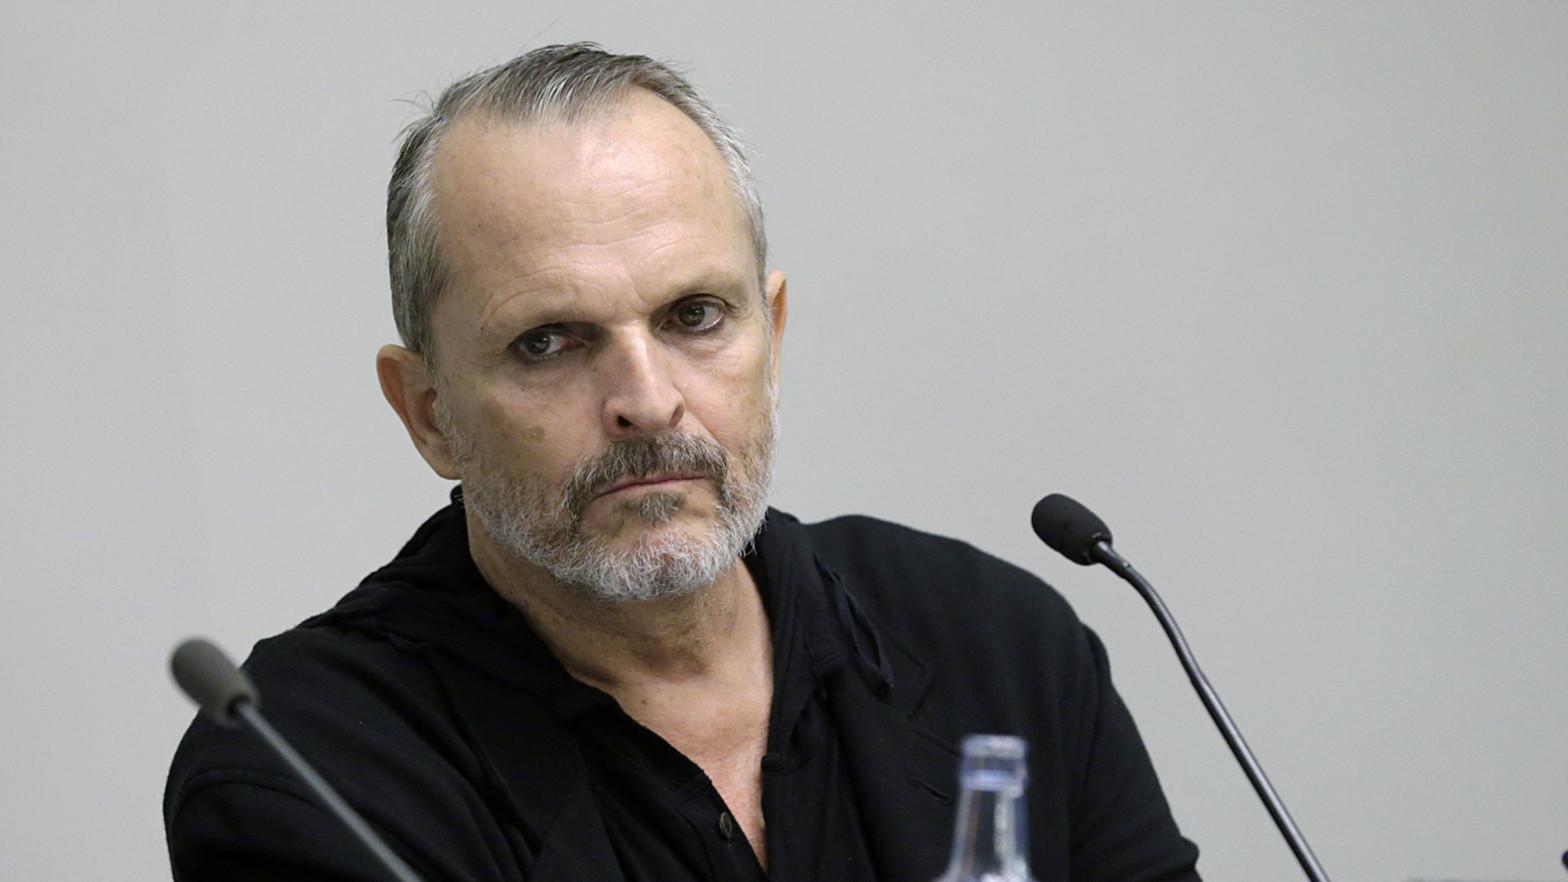 """Miguel Bosé arremete contra su amigo Jordi Évole: """"No se portó bien, creó encerronas incómodas"""""""